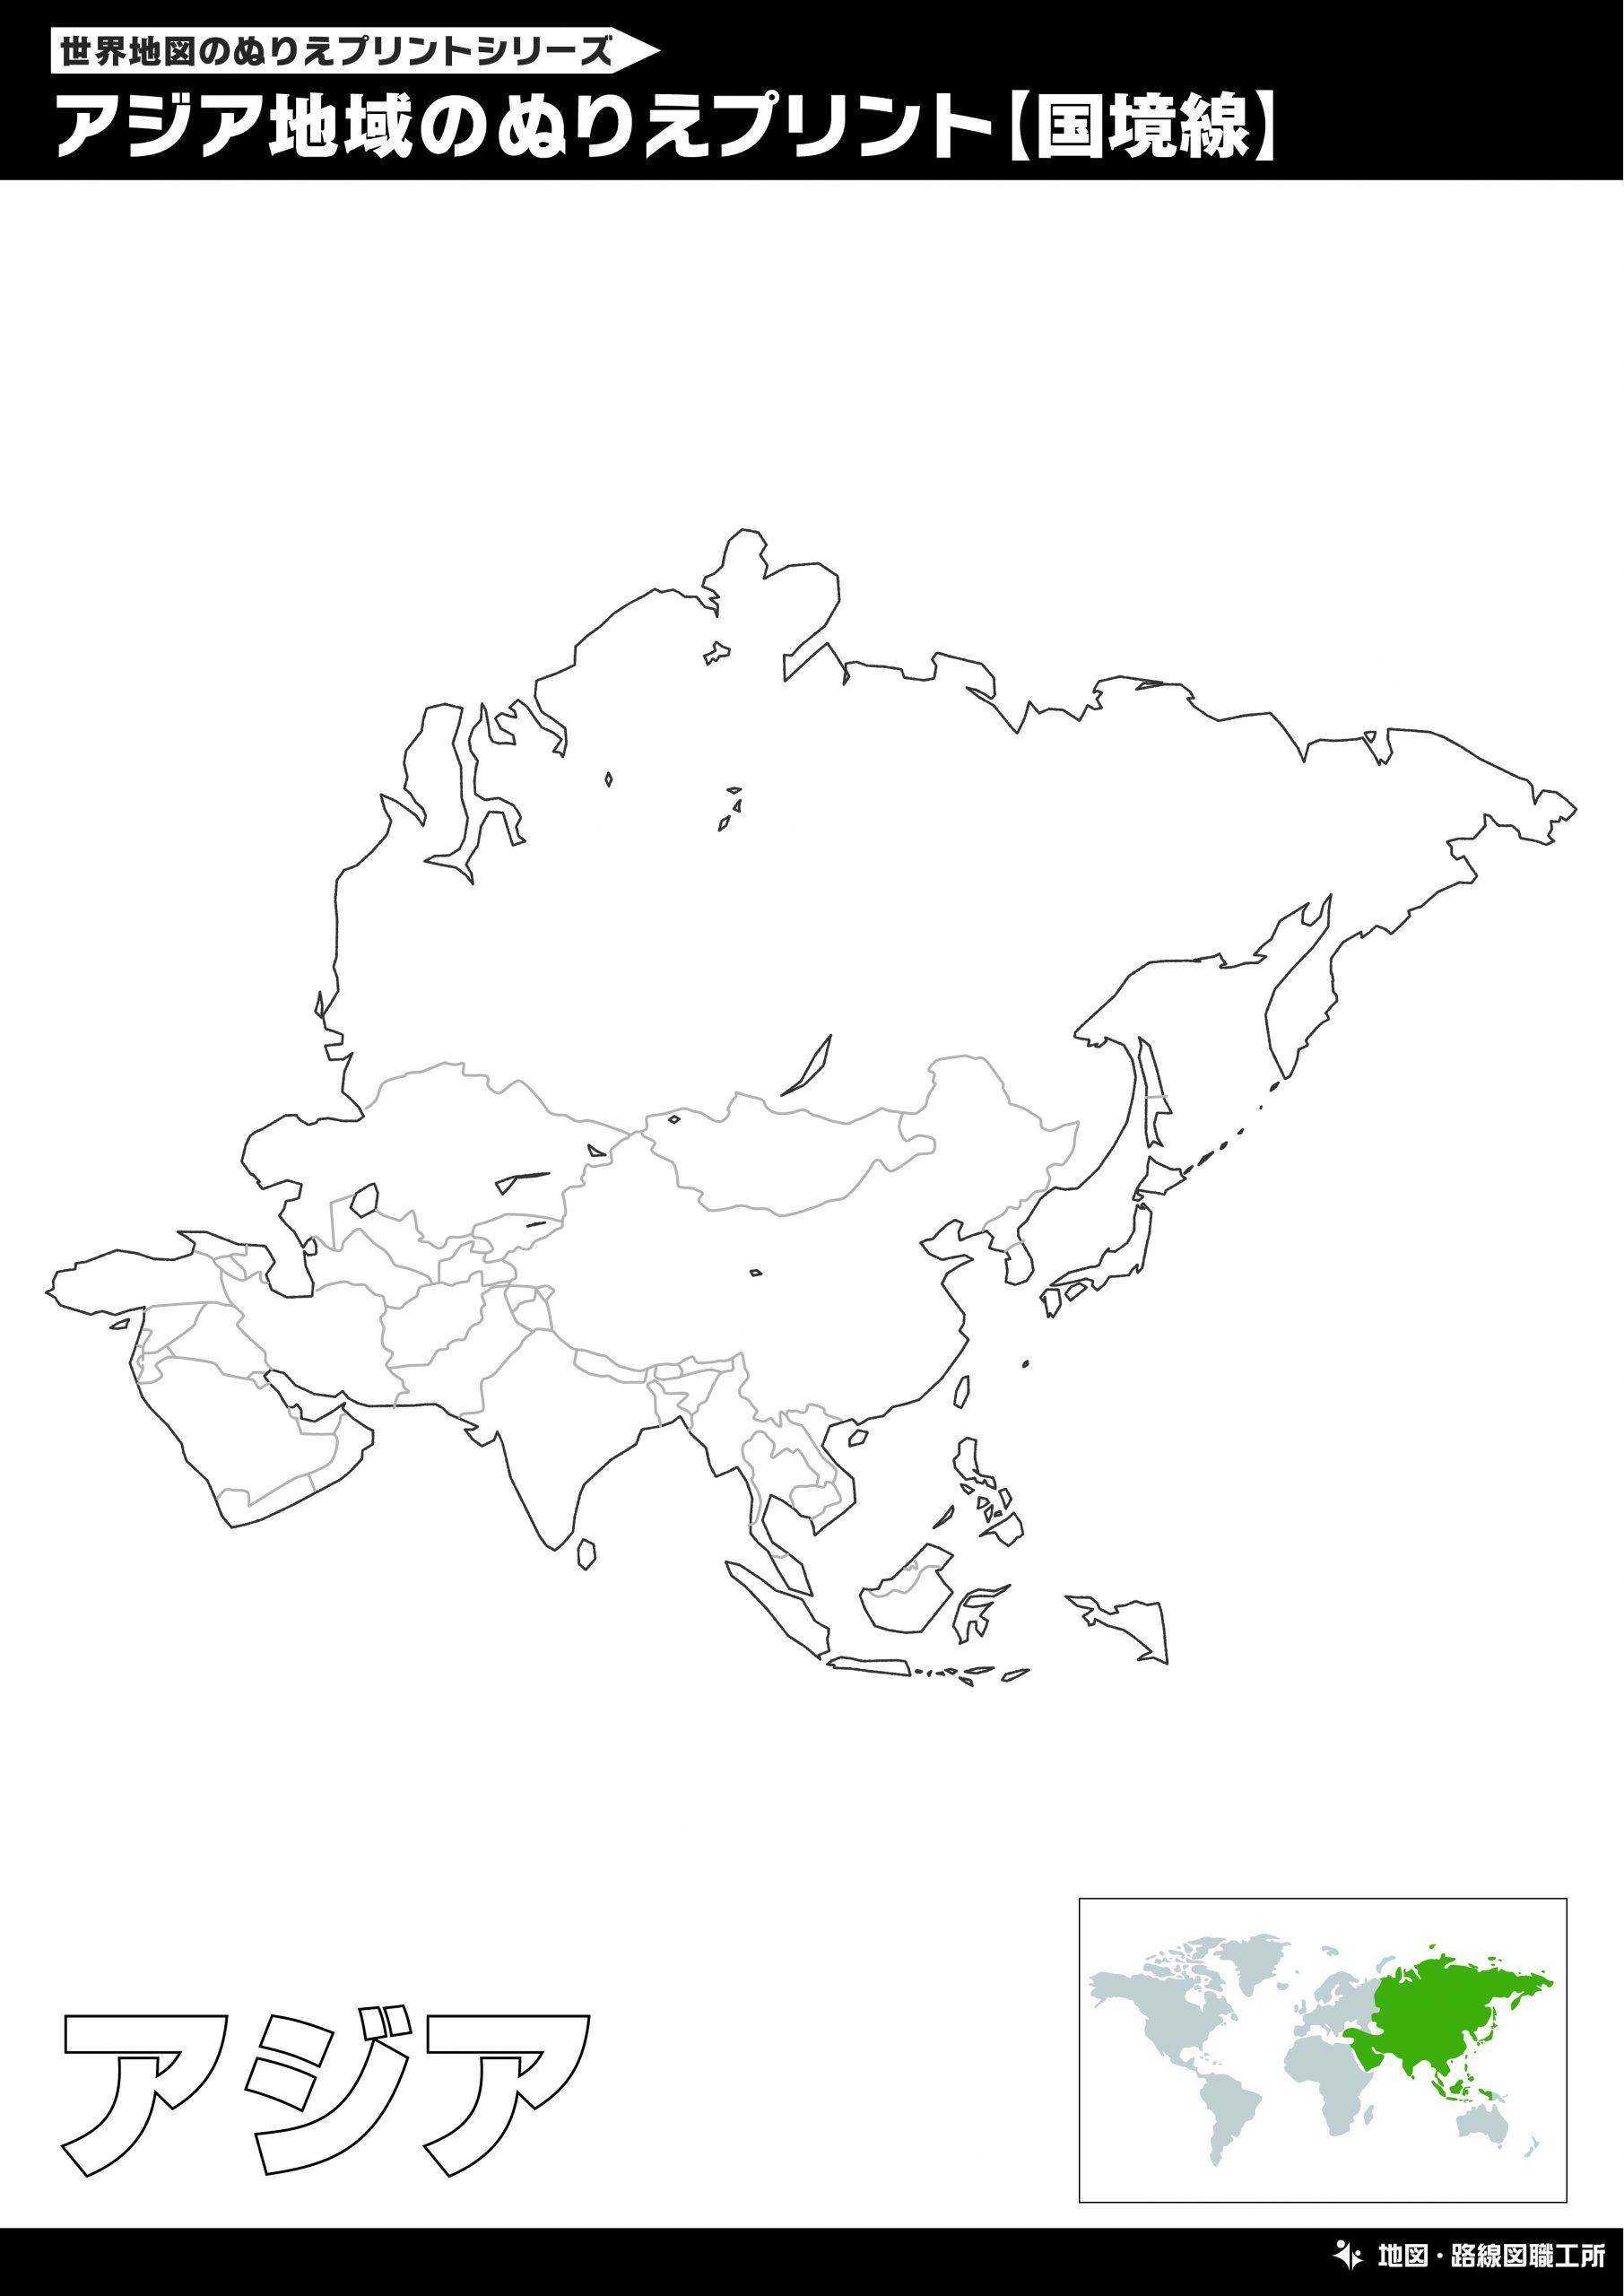 アジア地図のぬりえ 国境線あり